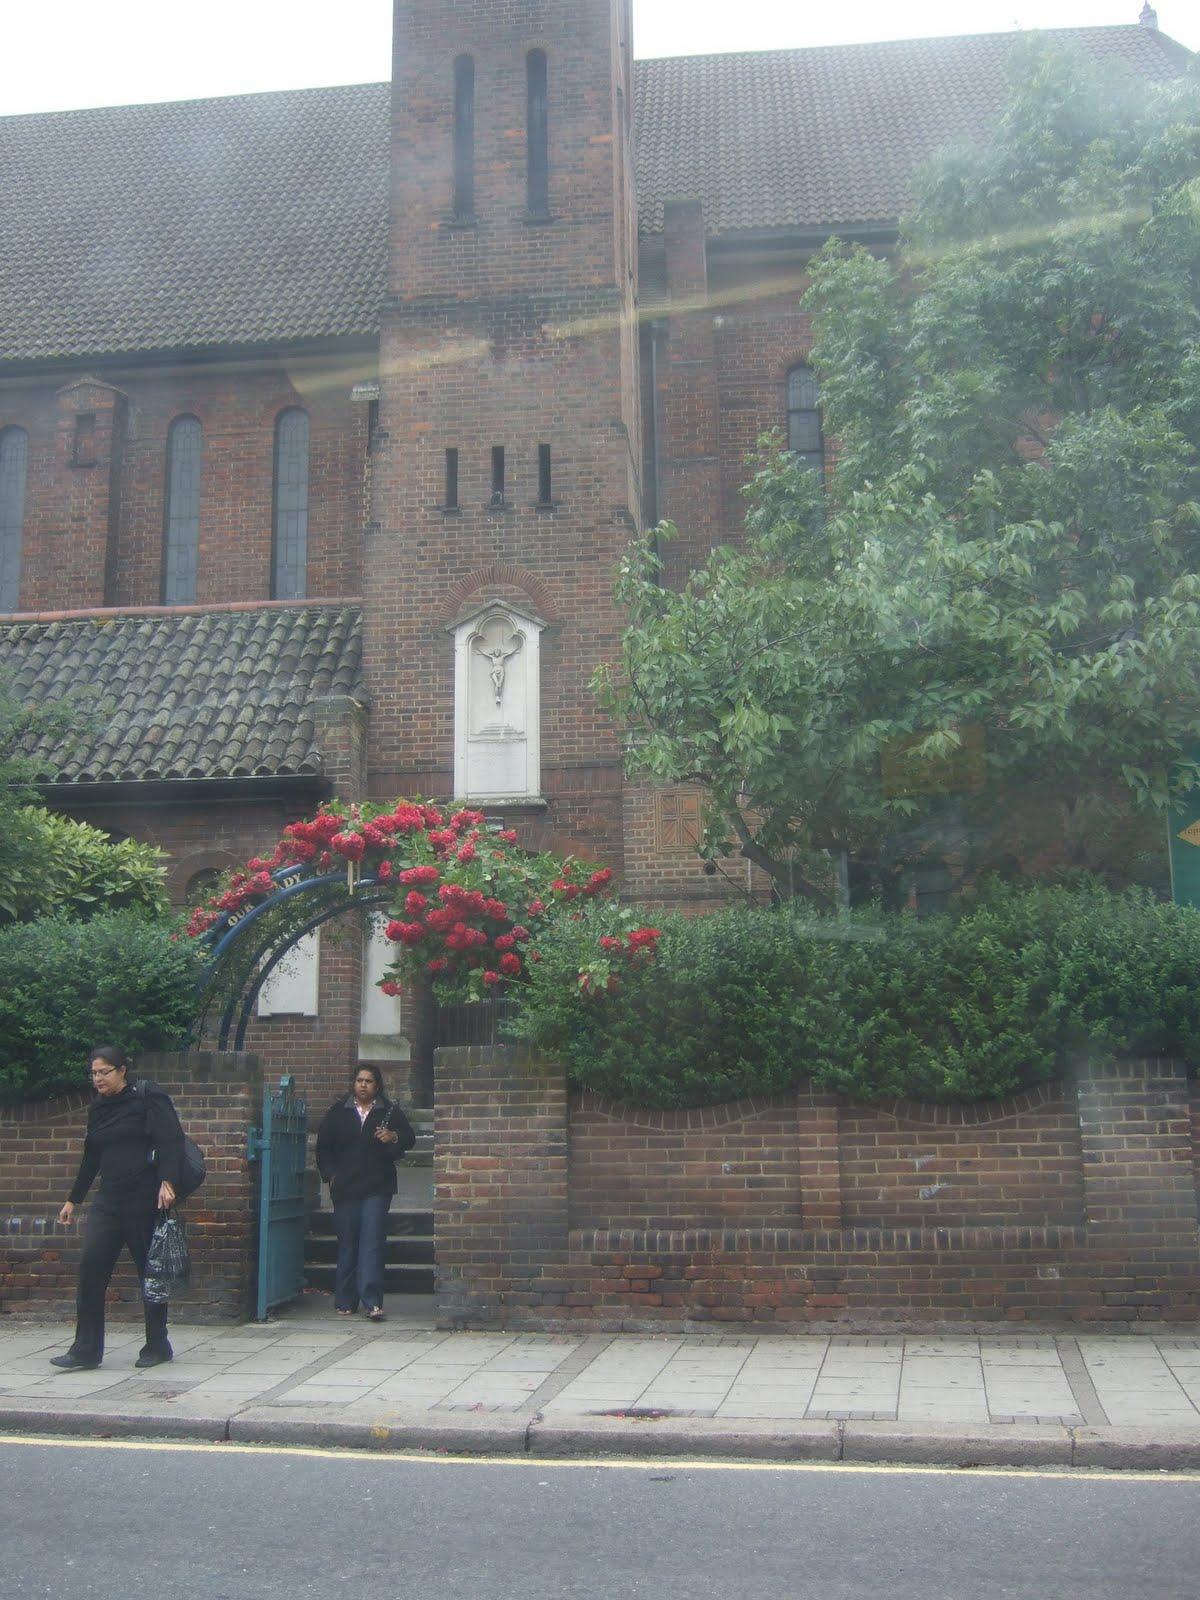 http://4.bp.blogspot.com/-bvQwSPsl5dY/TfYz-A36WlI/AAAAAAAACbI/rMSZsKg_Ixs/s1600/W+Our+Lady+of+Willesden+Church.jpg